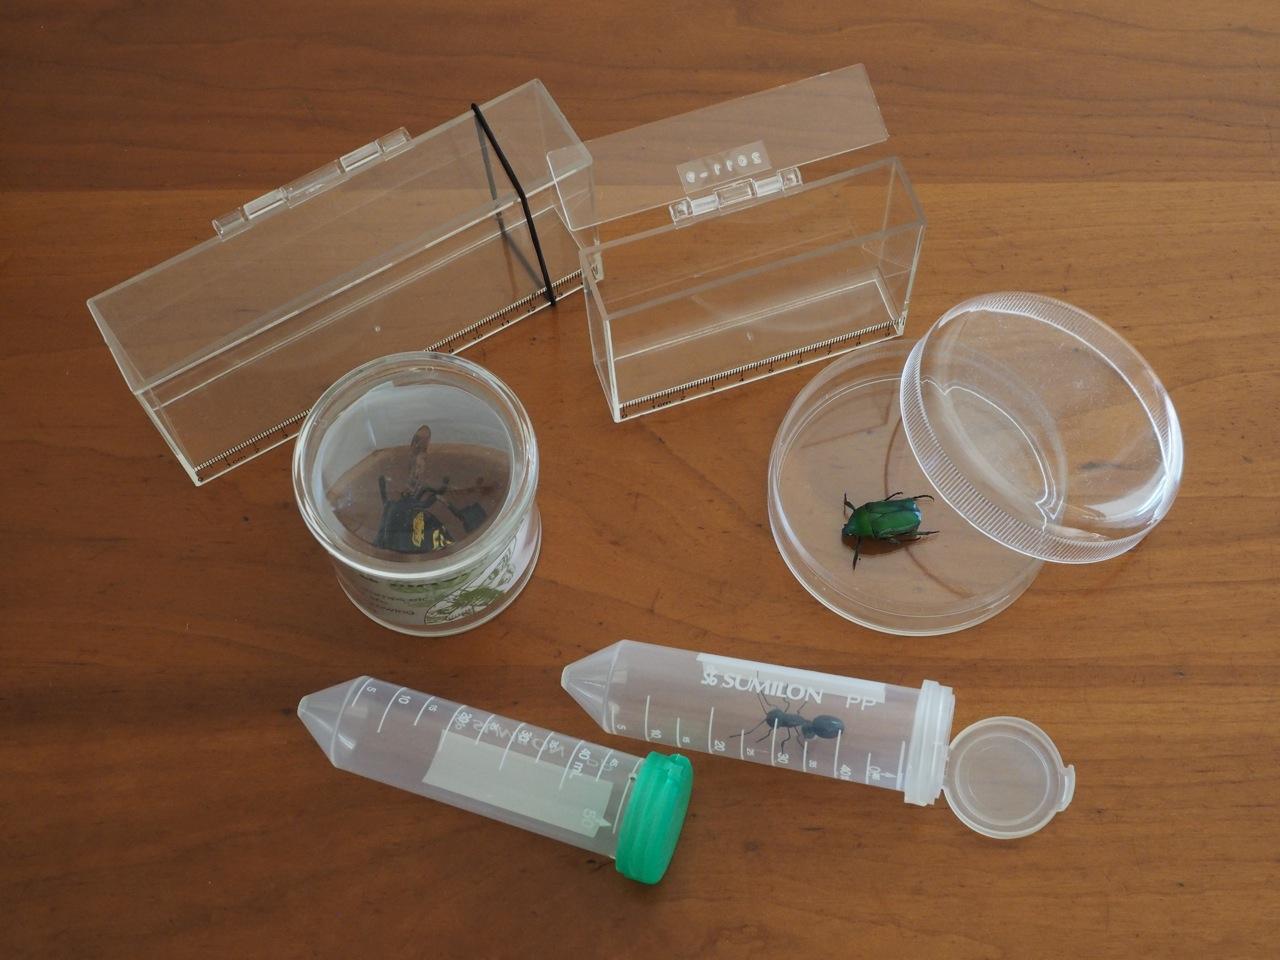 小動物観察用の携帯プラスチックケース